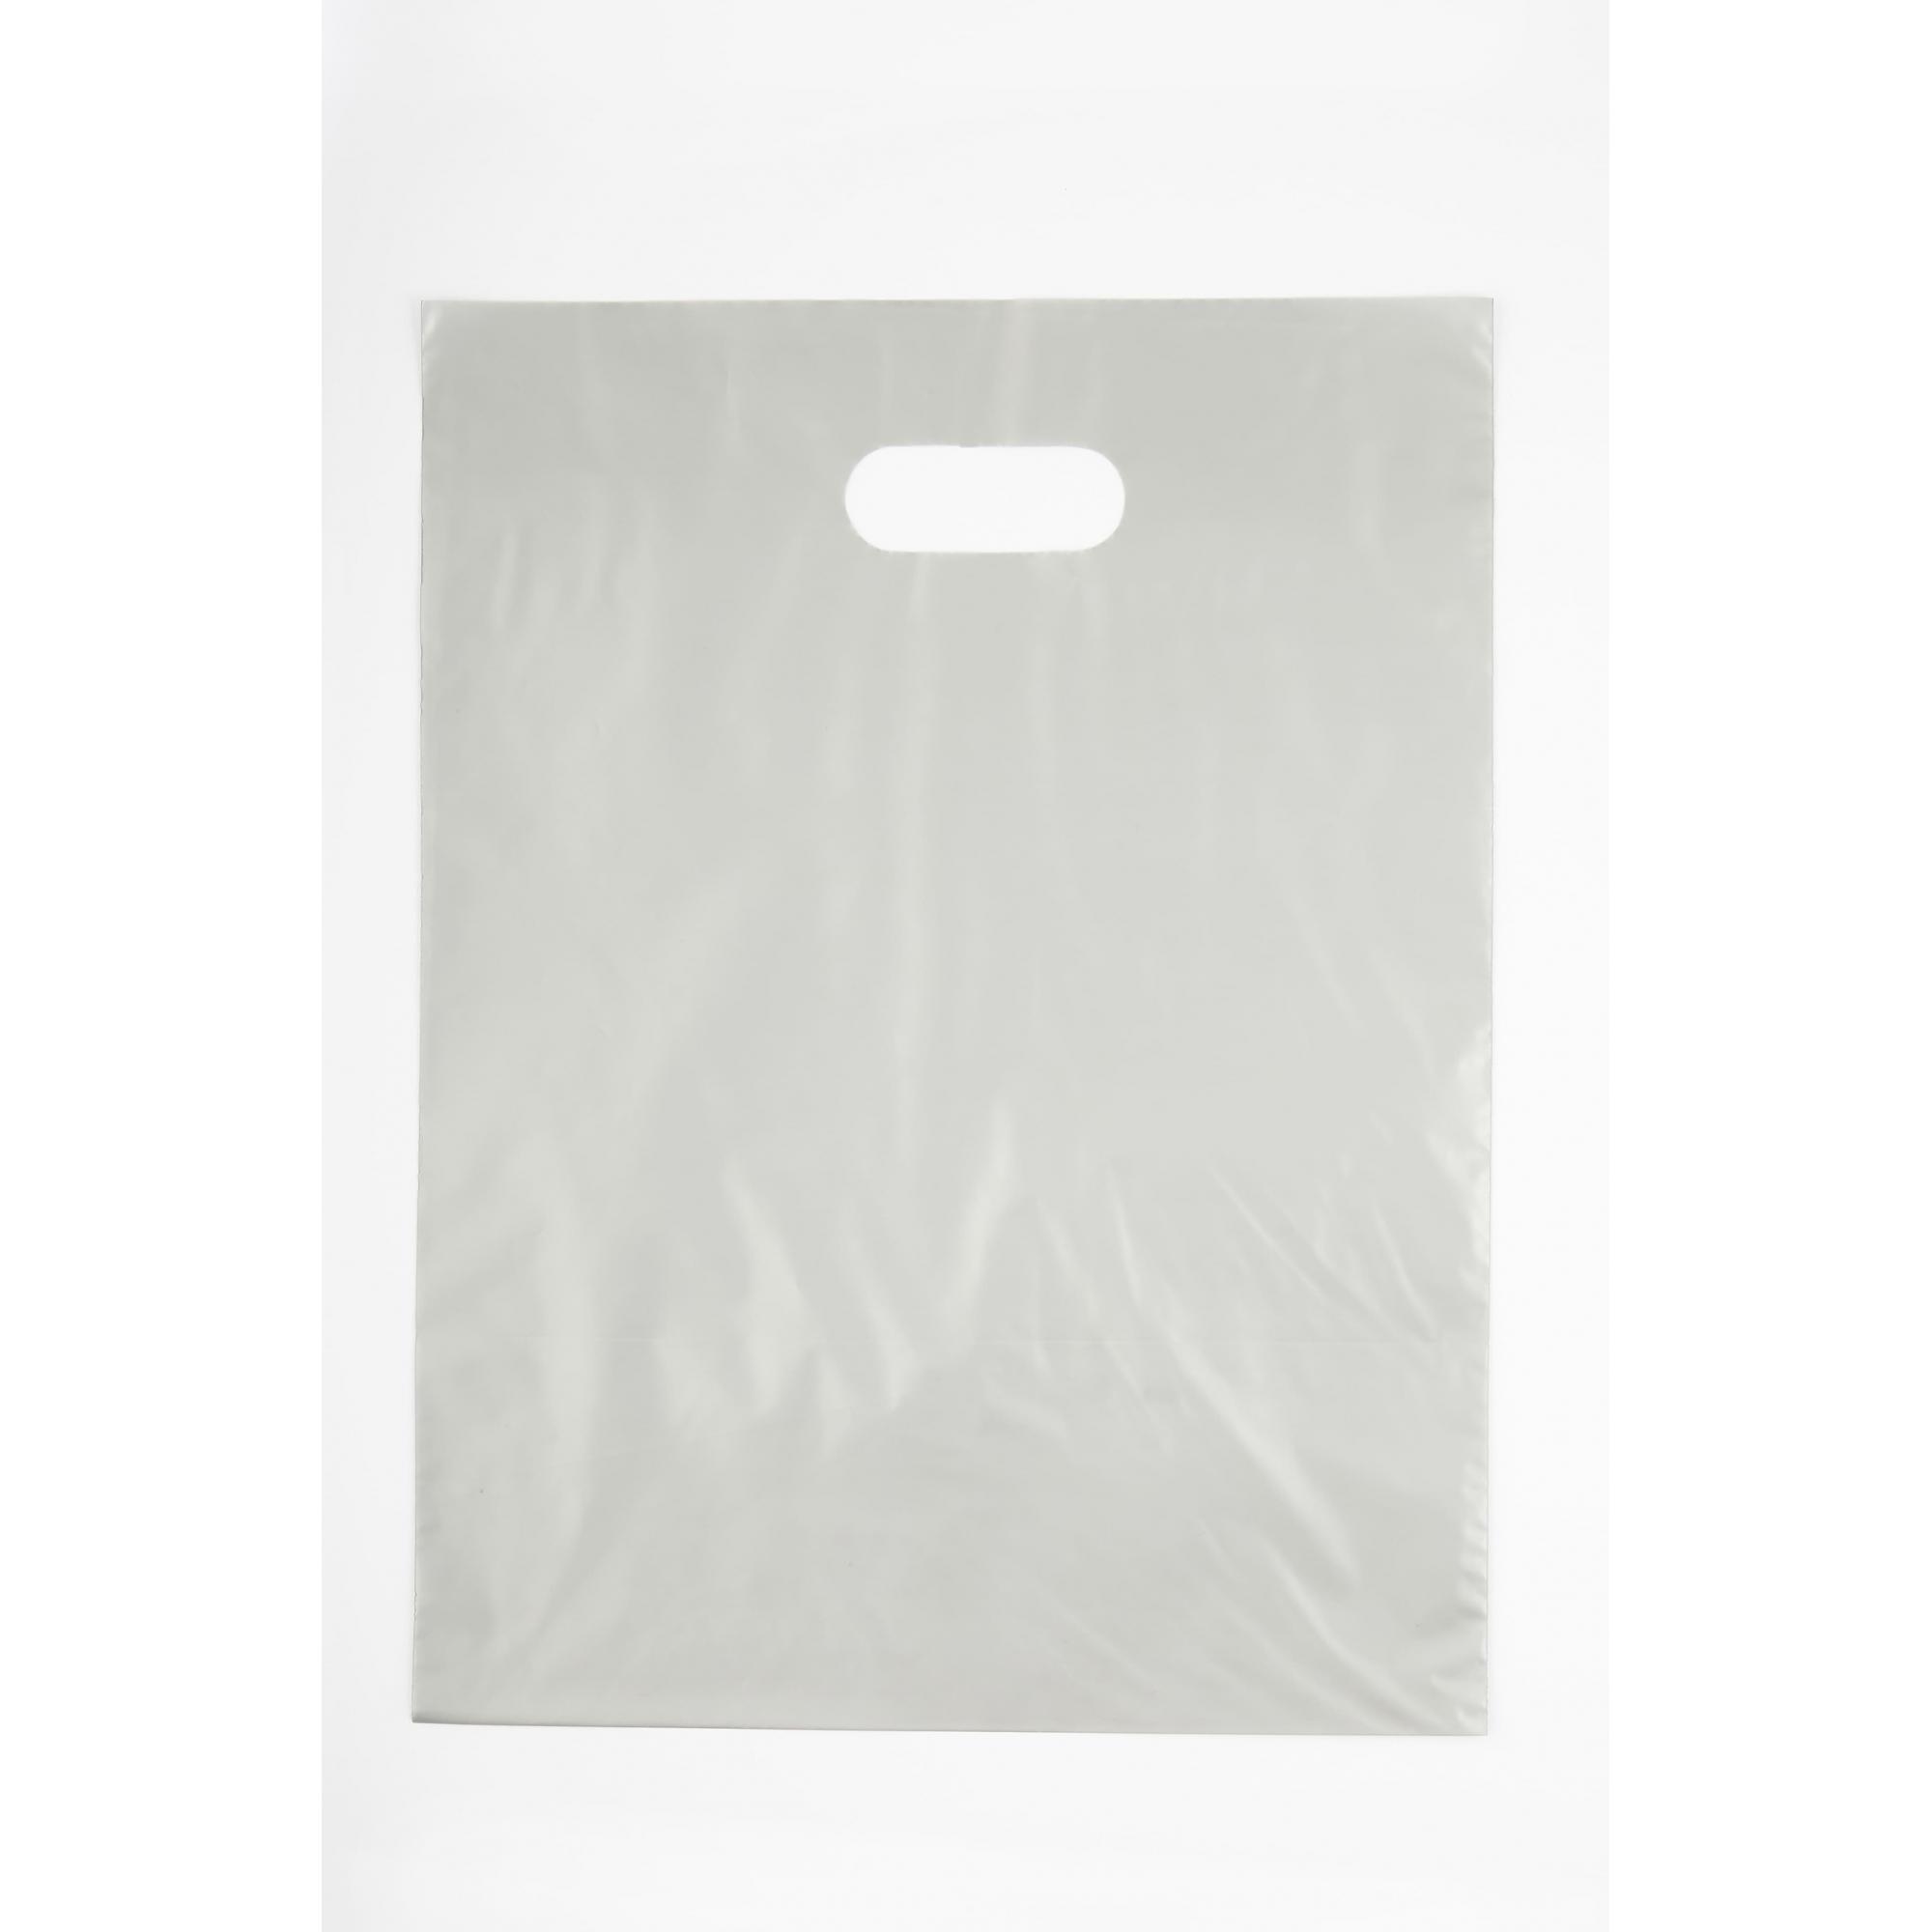 Sacola Plástica 35x44 Transparente - Alça Boca de Palhaço